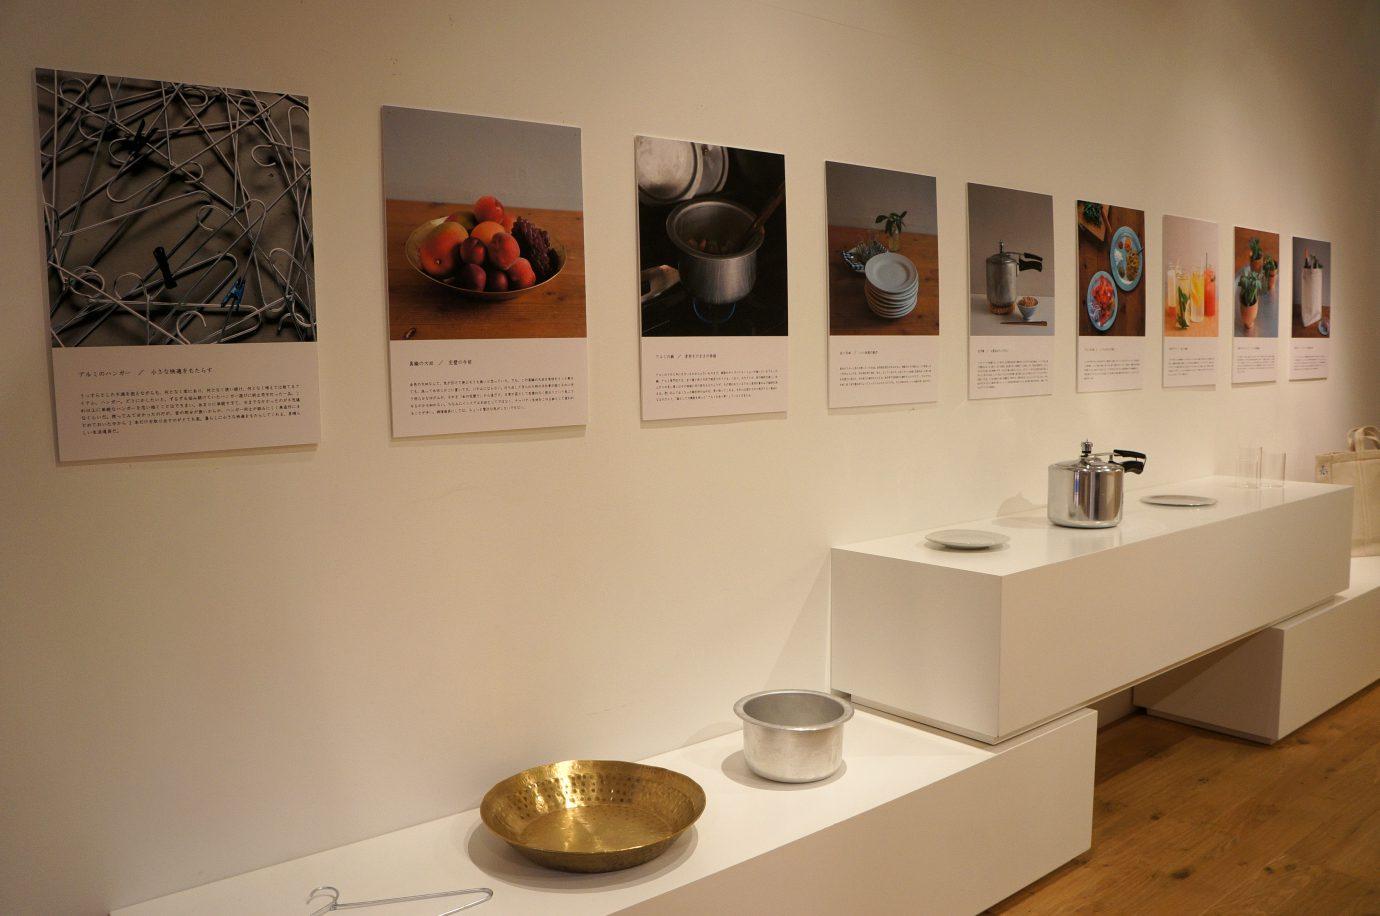 モコメシのインドの道具展のイメージ